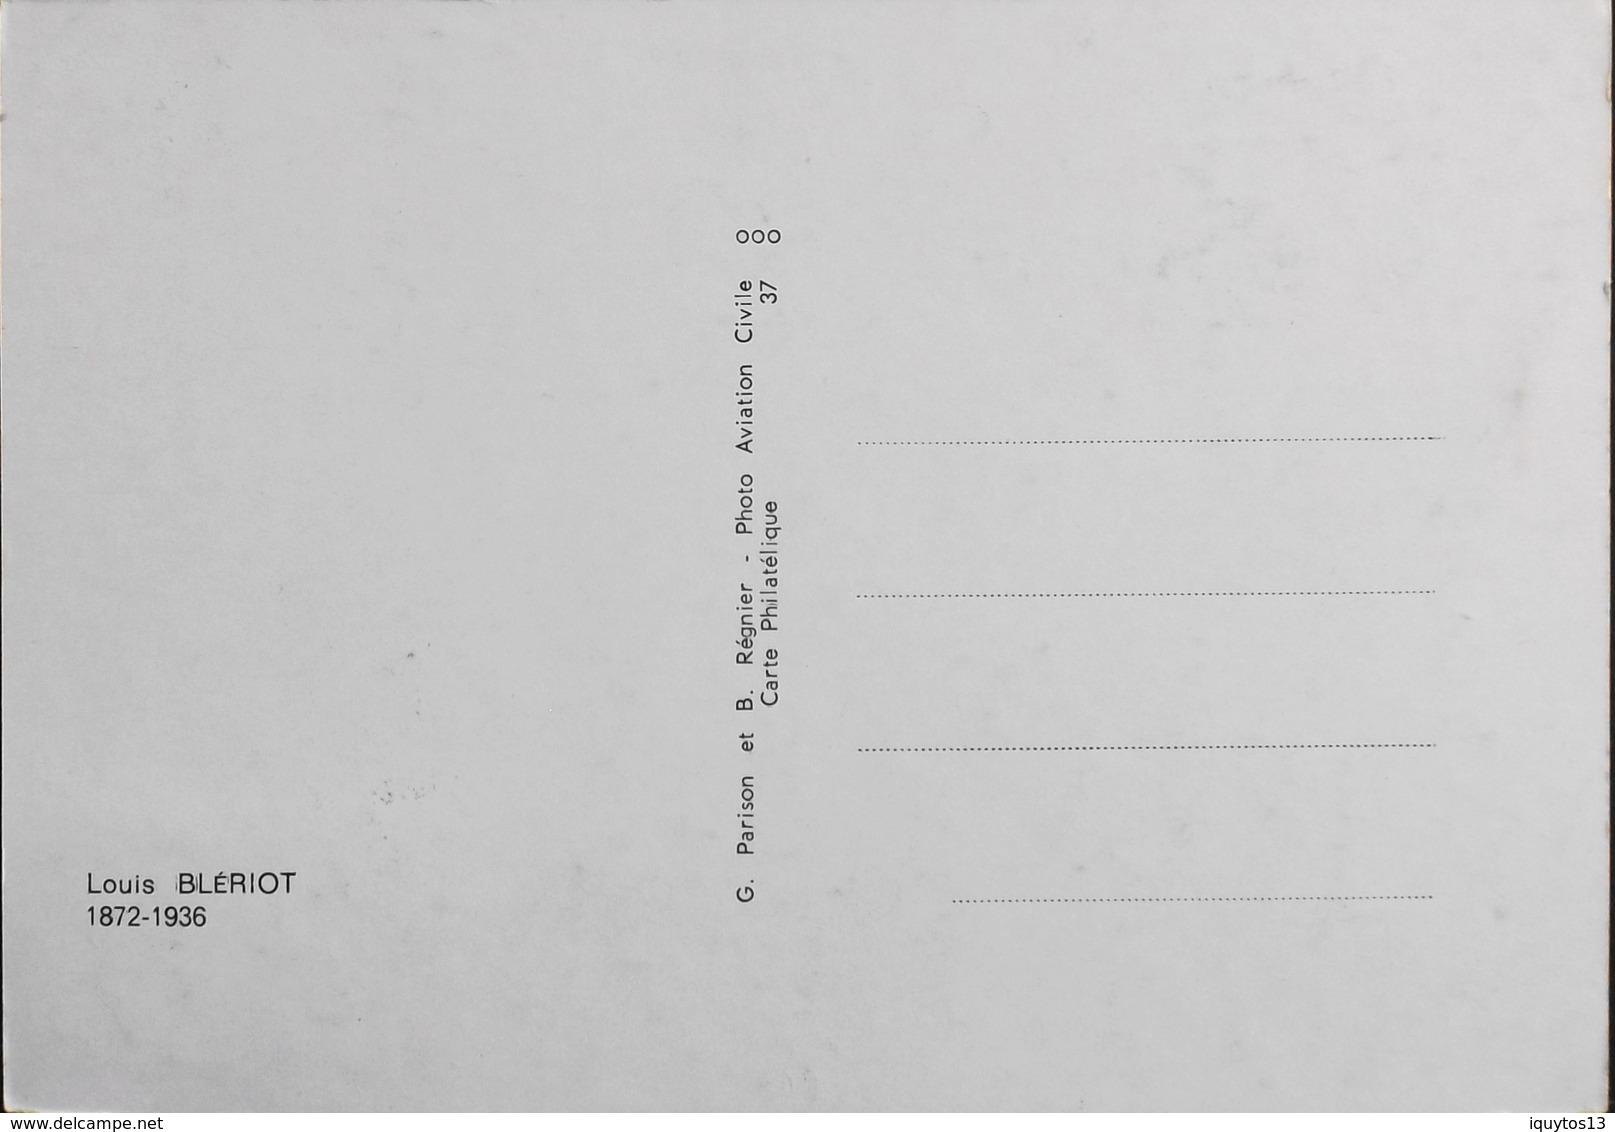 FR. 1972 Carte Philatélique 1er Jour - Louis BLERIOT - Cambrai Le 1.7.1972 - En TBE - FDC